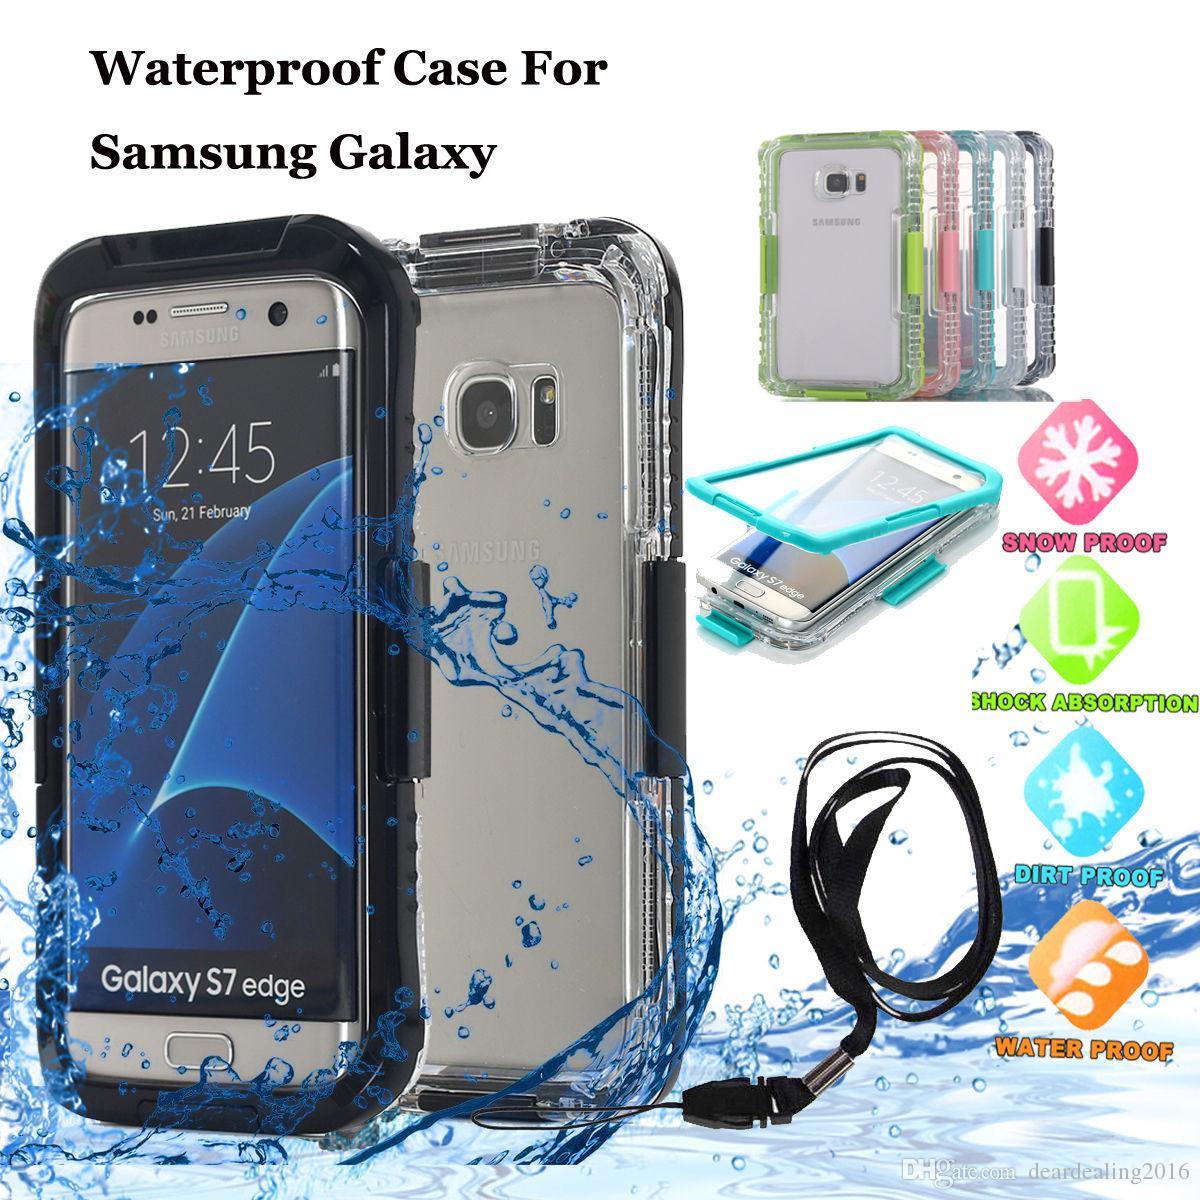 Полное Покрытие Подводное Плавание Доказательство Воды Случаи Противоударный Грязь Доказательство Водонепроницаемый Жесткий Чехол Для Samsung Galaxy S6 S7 Edge Plus Note3 4 Note5